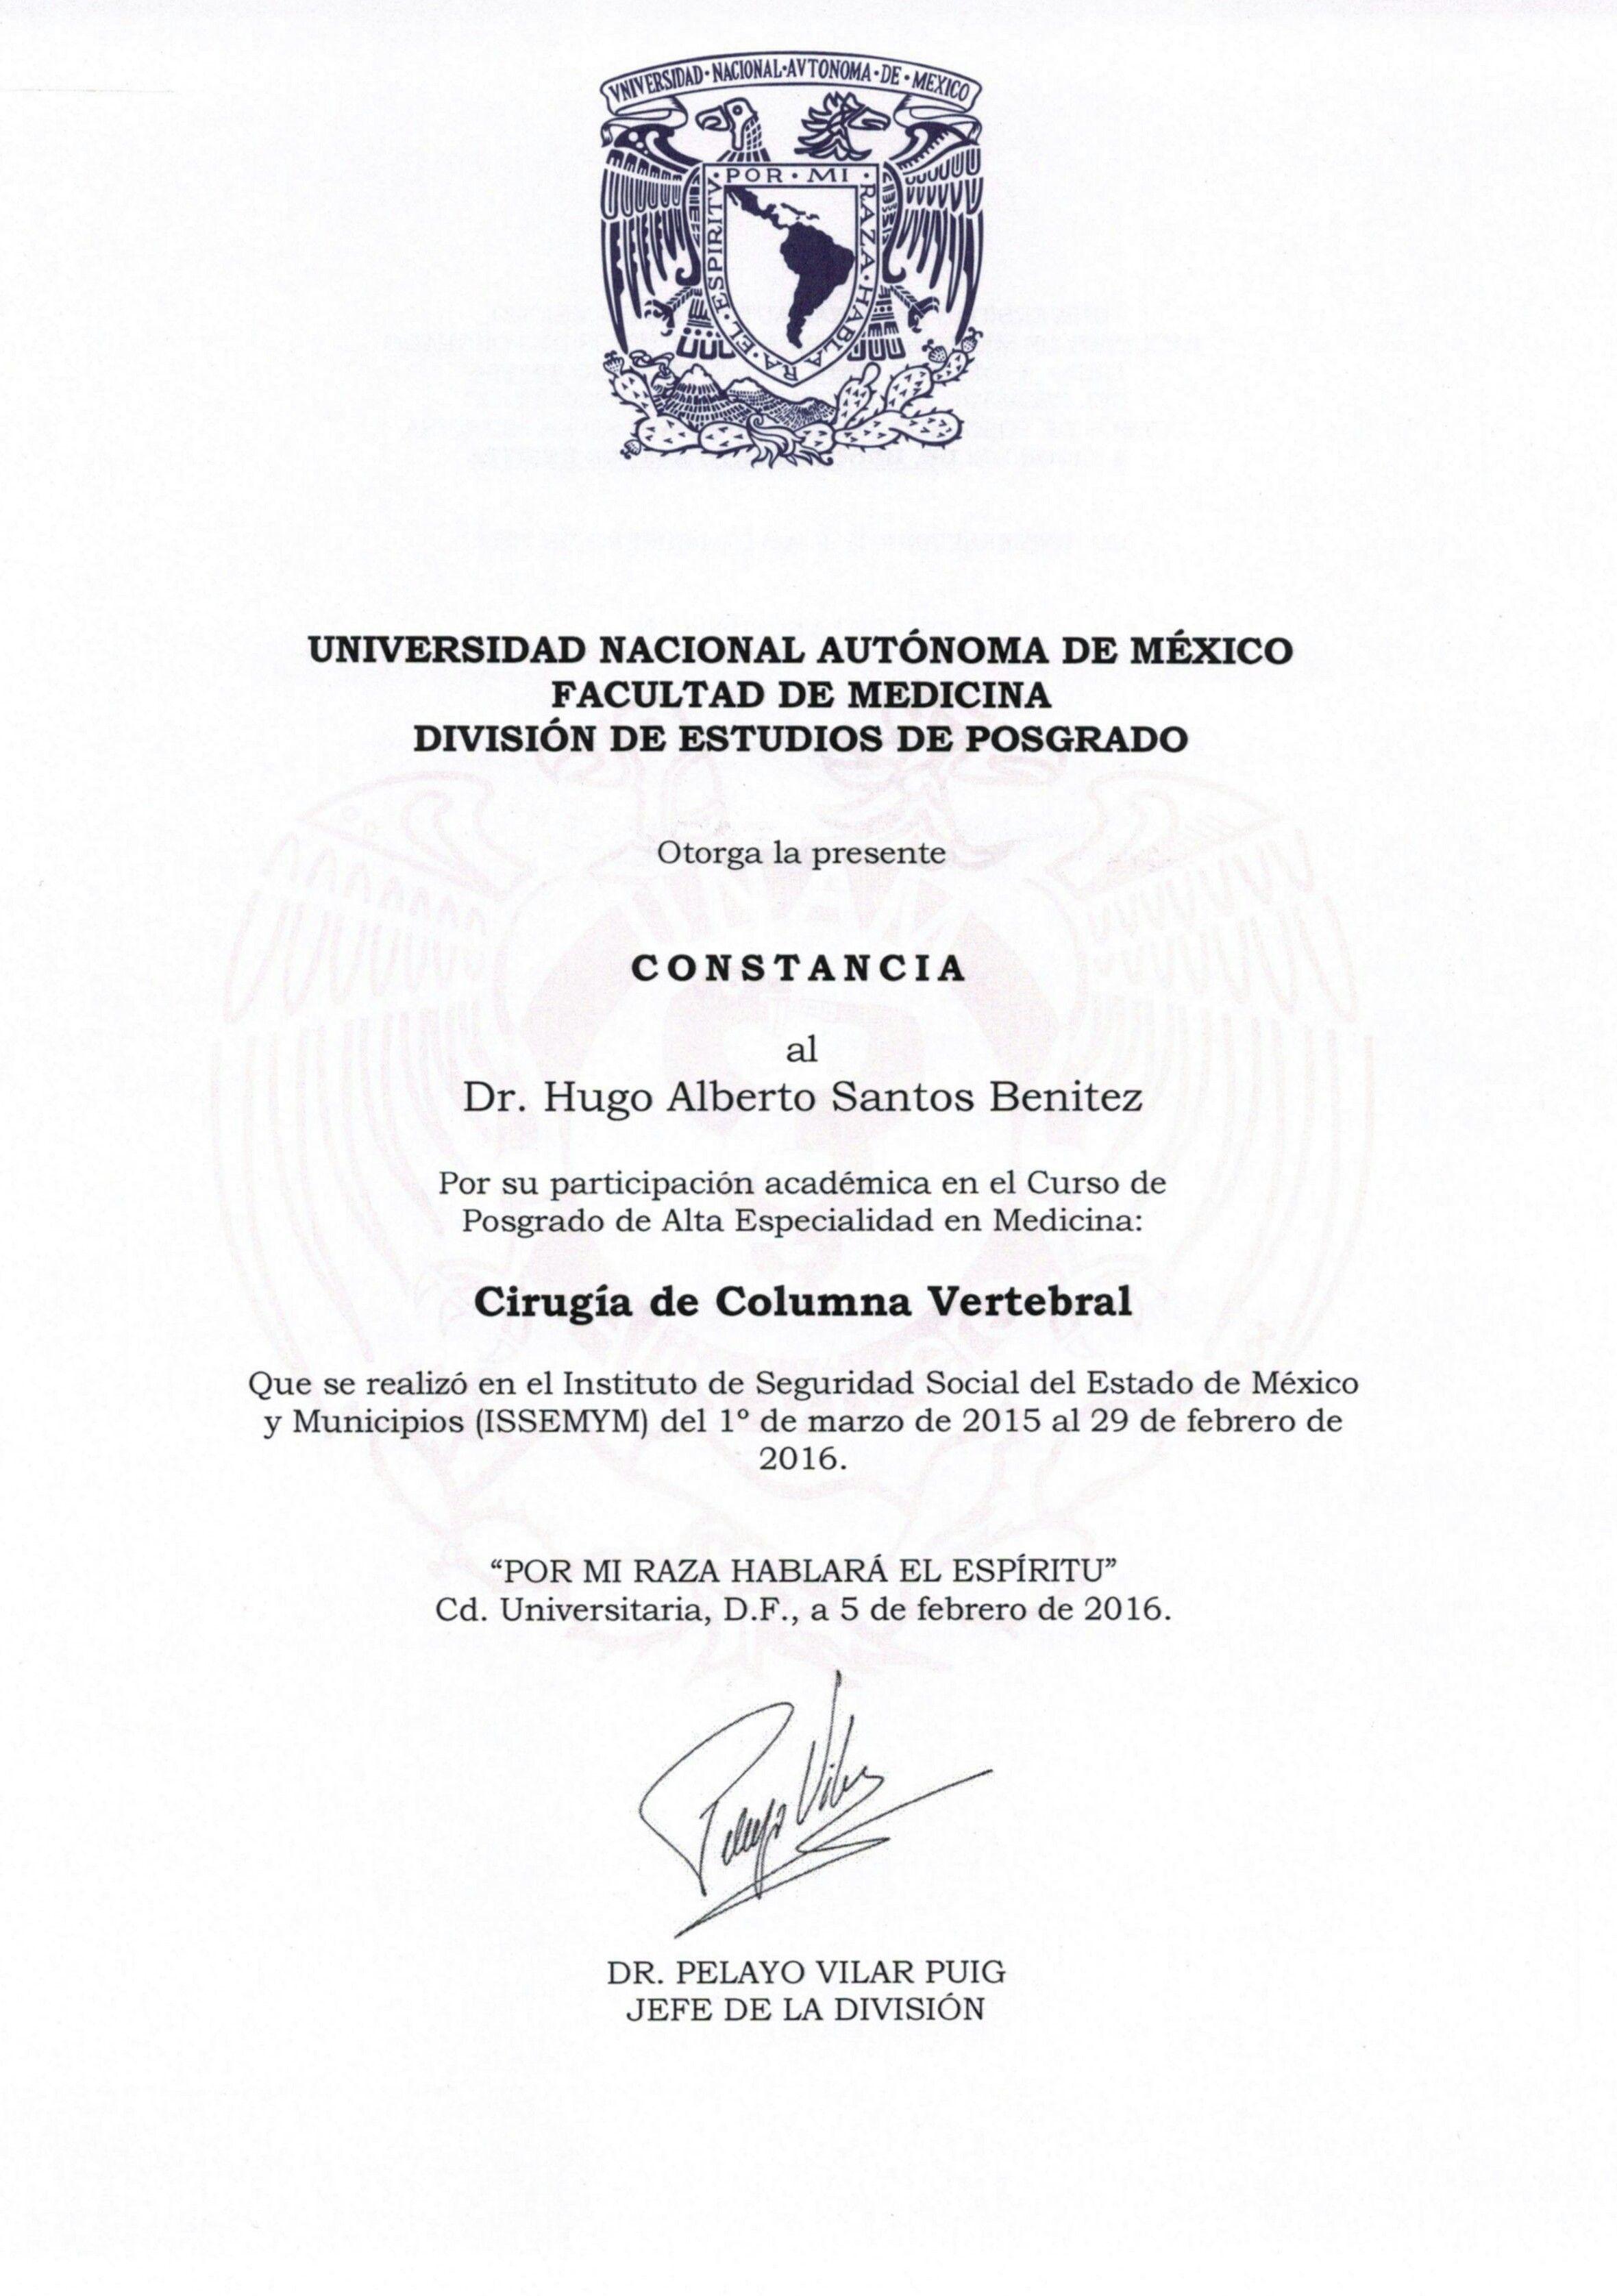 Certificado Unam Doctor Hugo Santos Benitez